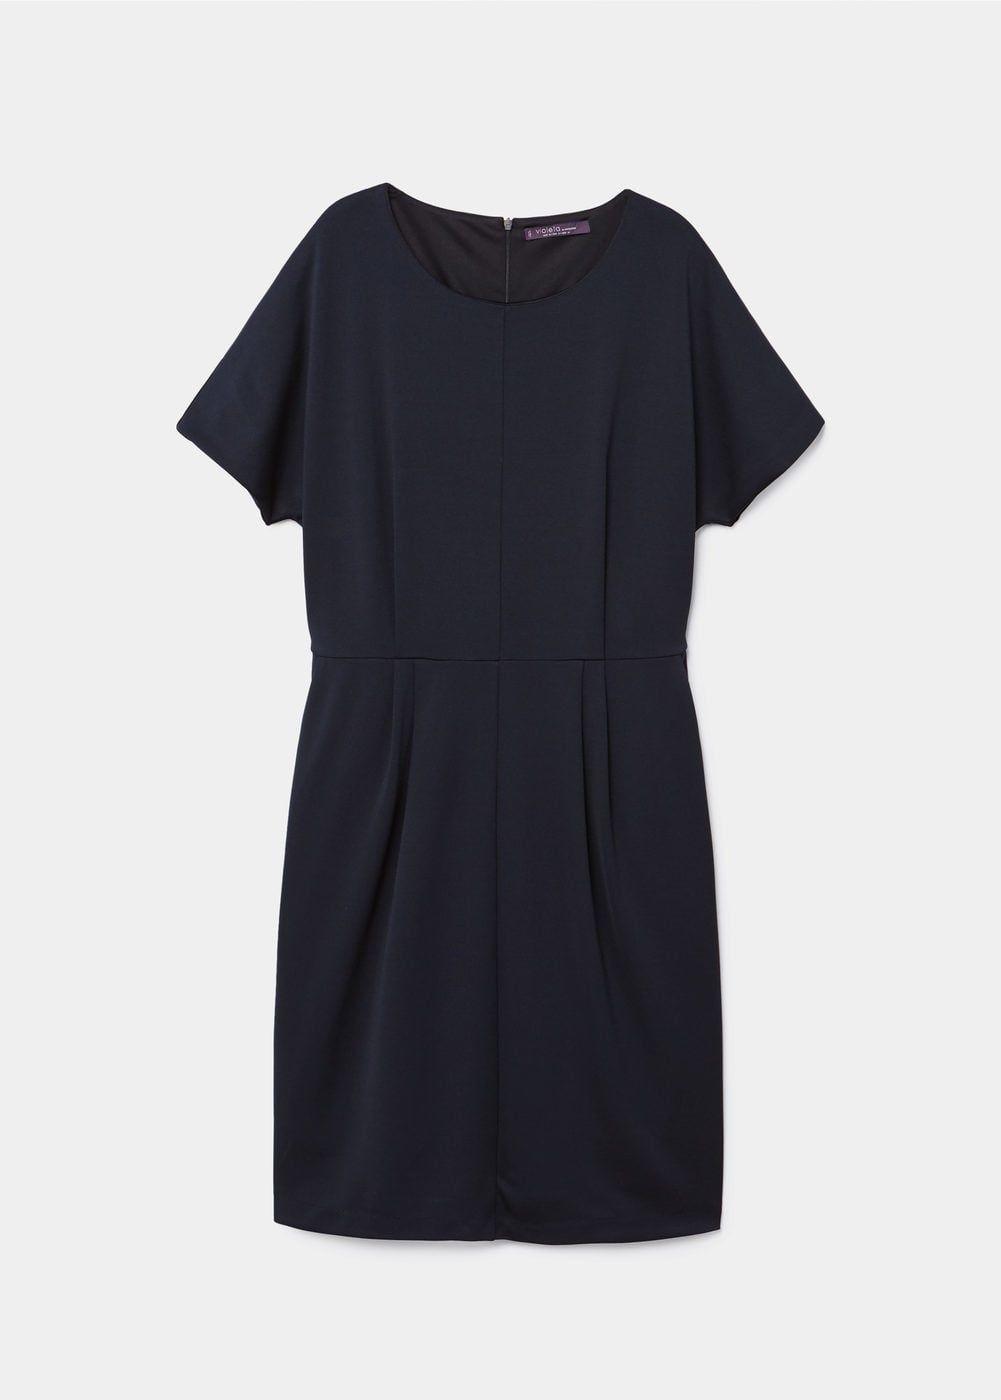 Decorative pleats dress - Dresses and jumpsuits Plus sizes